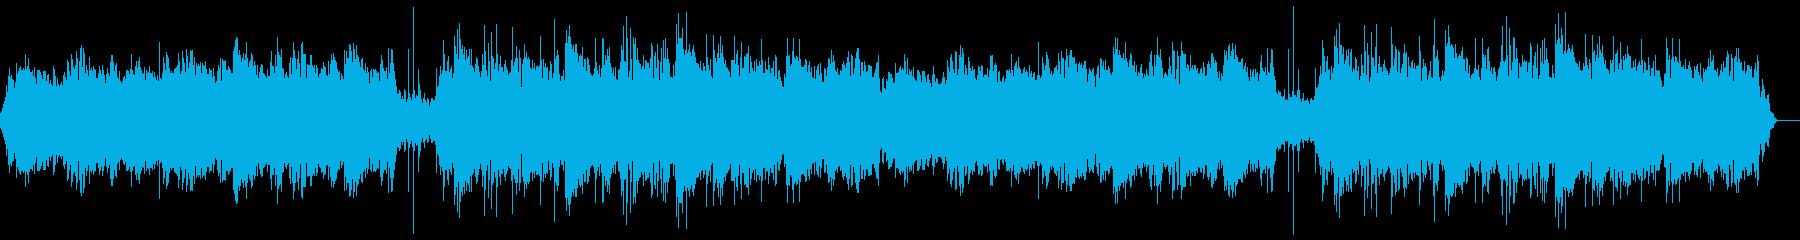 暖かアンビエントシンセと印象的なピアノ曲の再生済みの波形